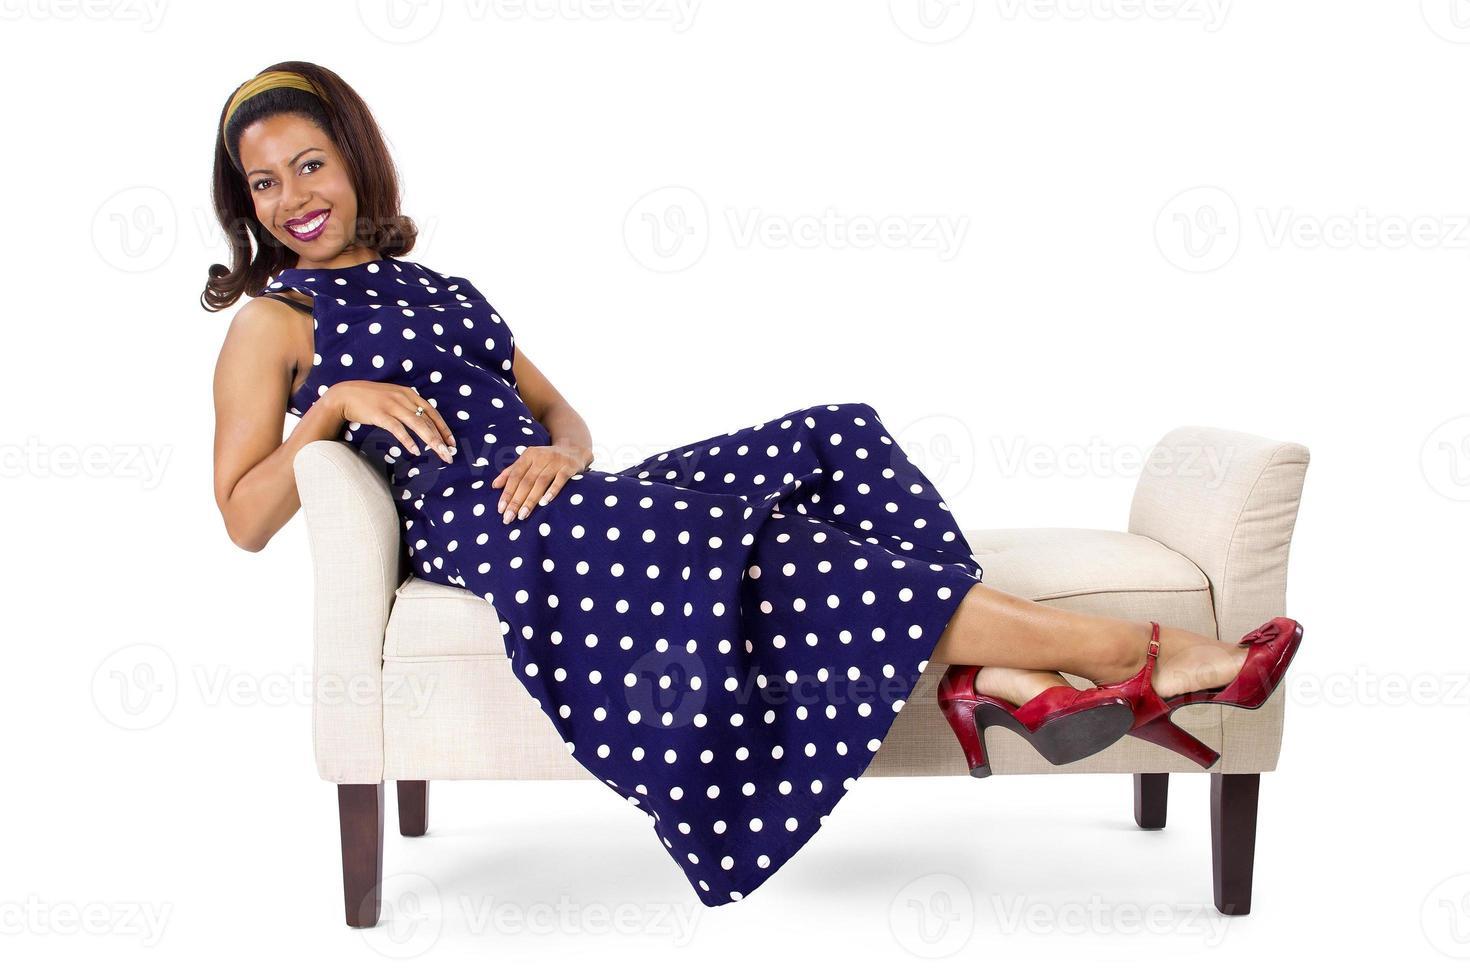 donna stile vintage posa su una chaise foto